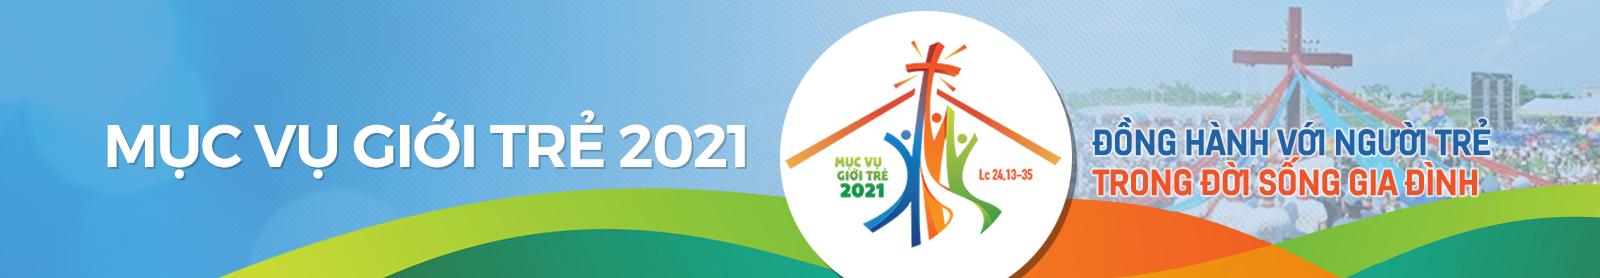 mục vụ giới trẻ 2021